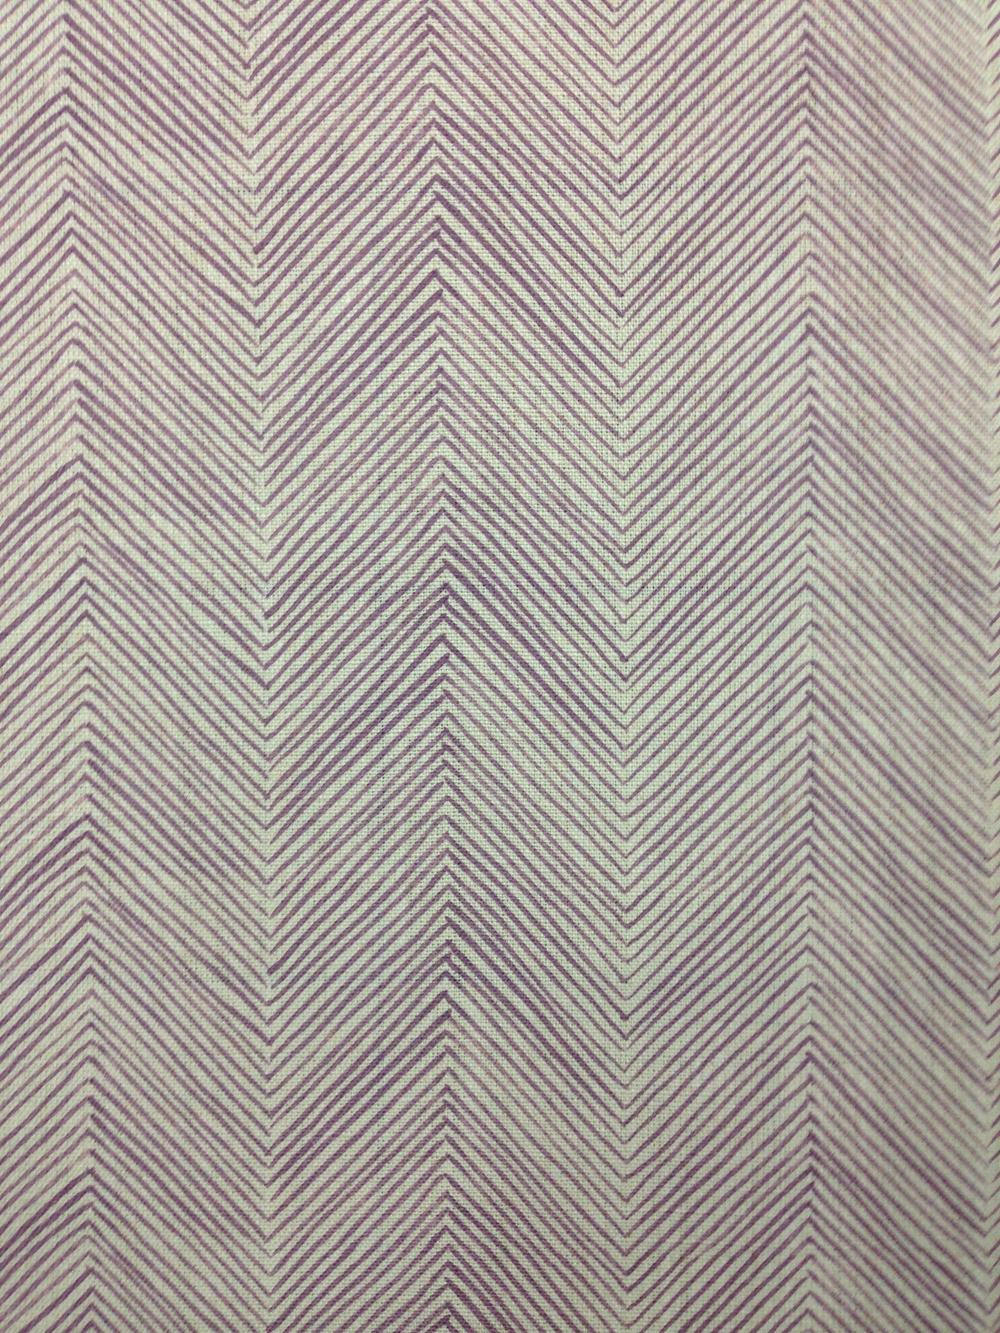 herringboneparma violet